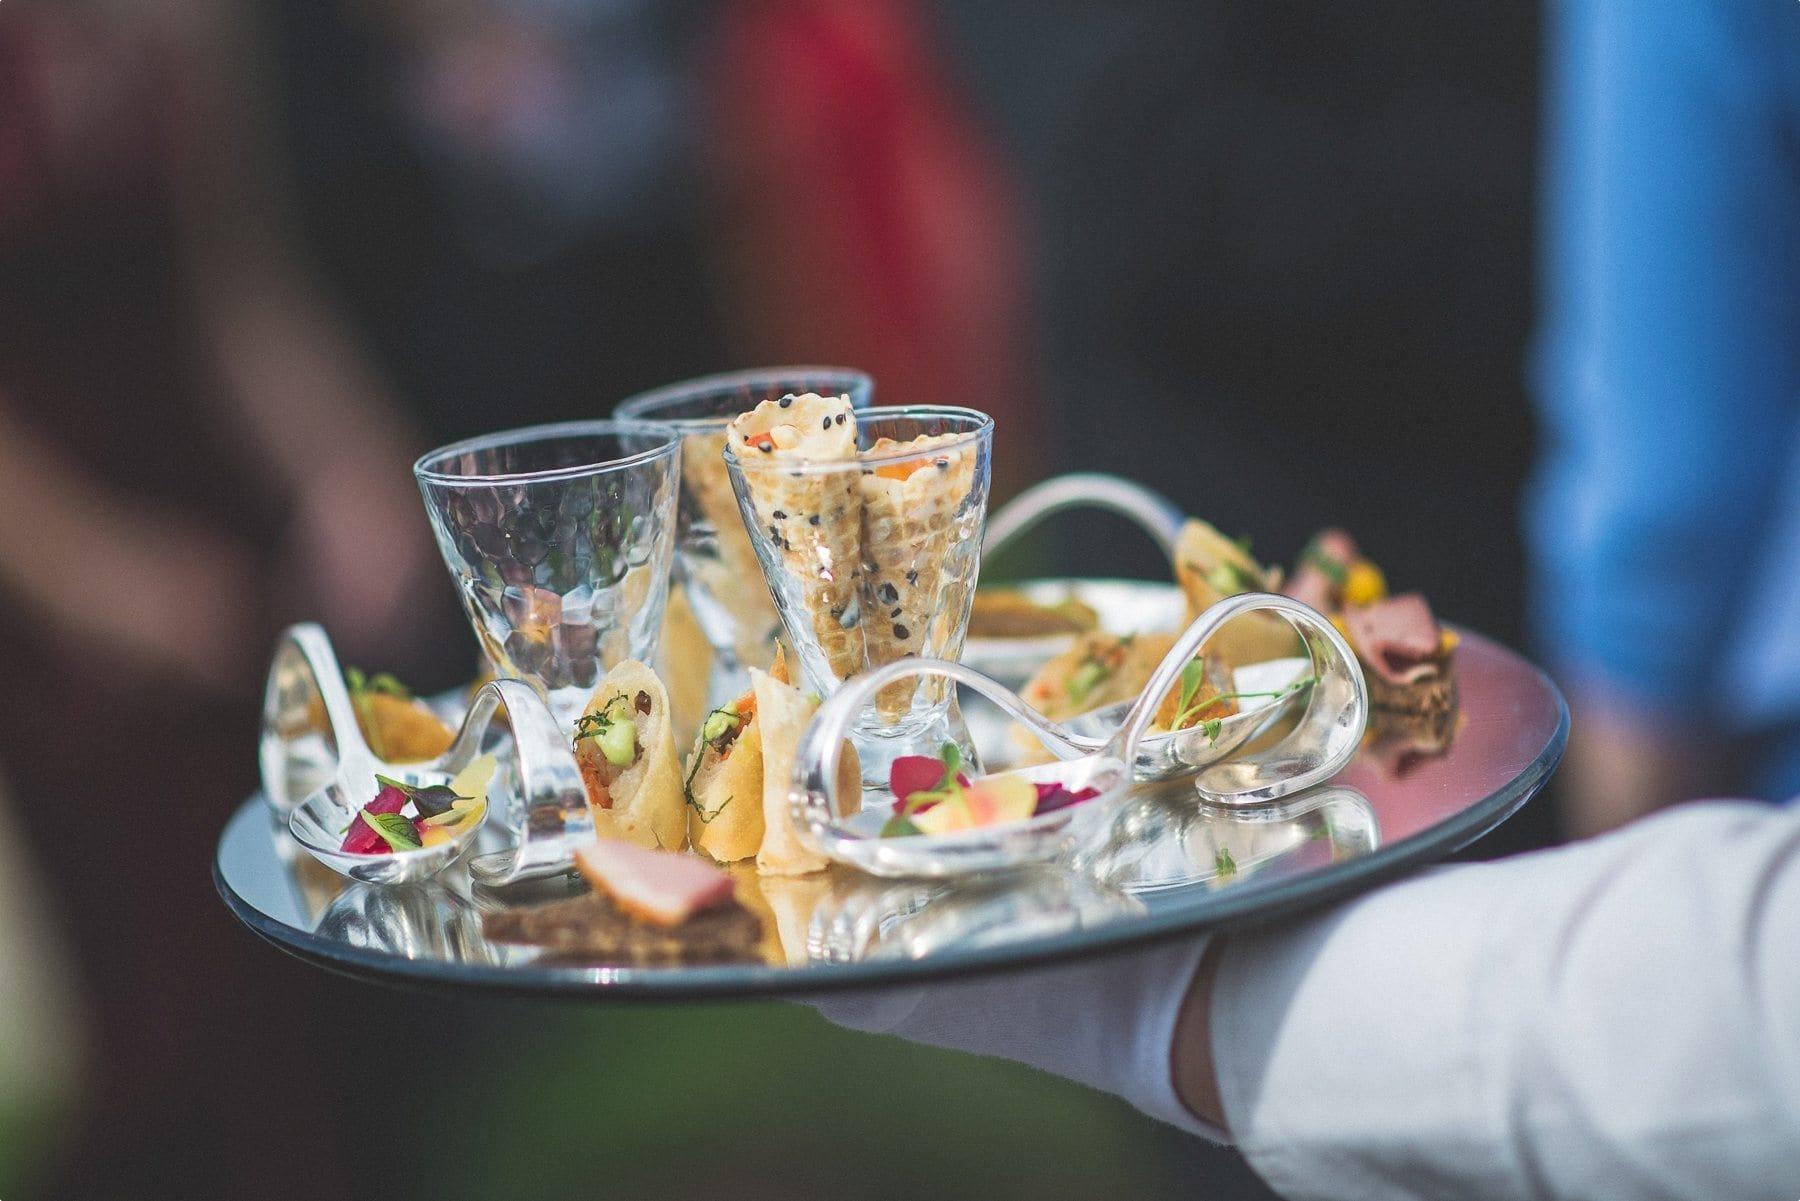 Coworth park Barn summer wedding canapés